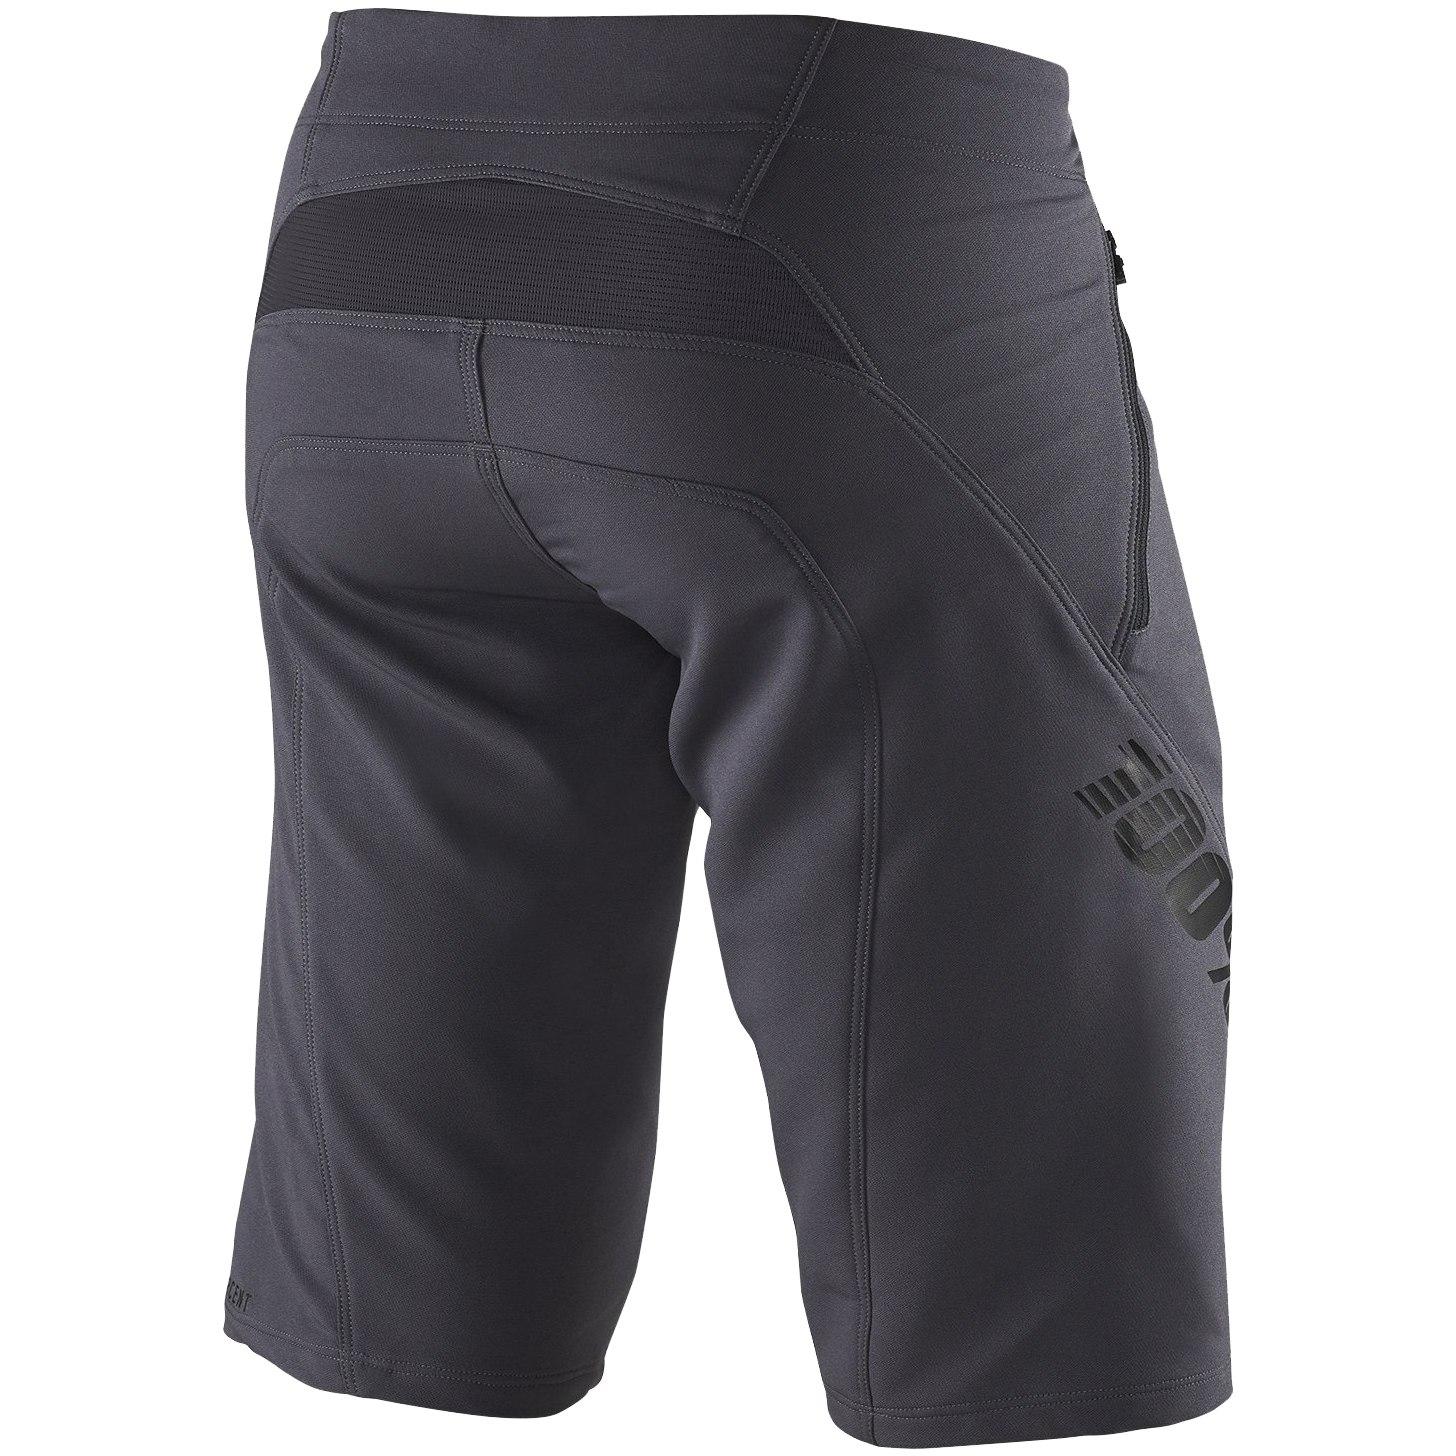 Imagen de 100% Airmatic Pantalones - charcoal